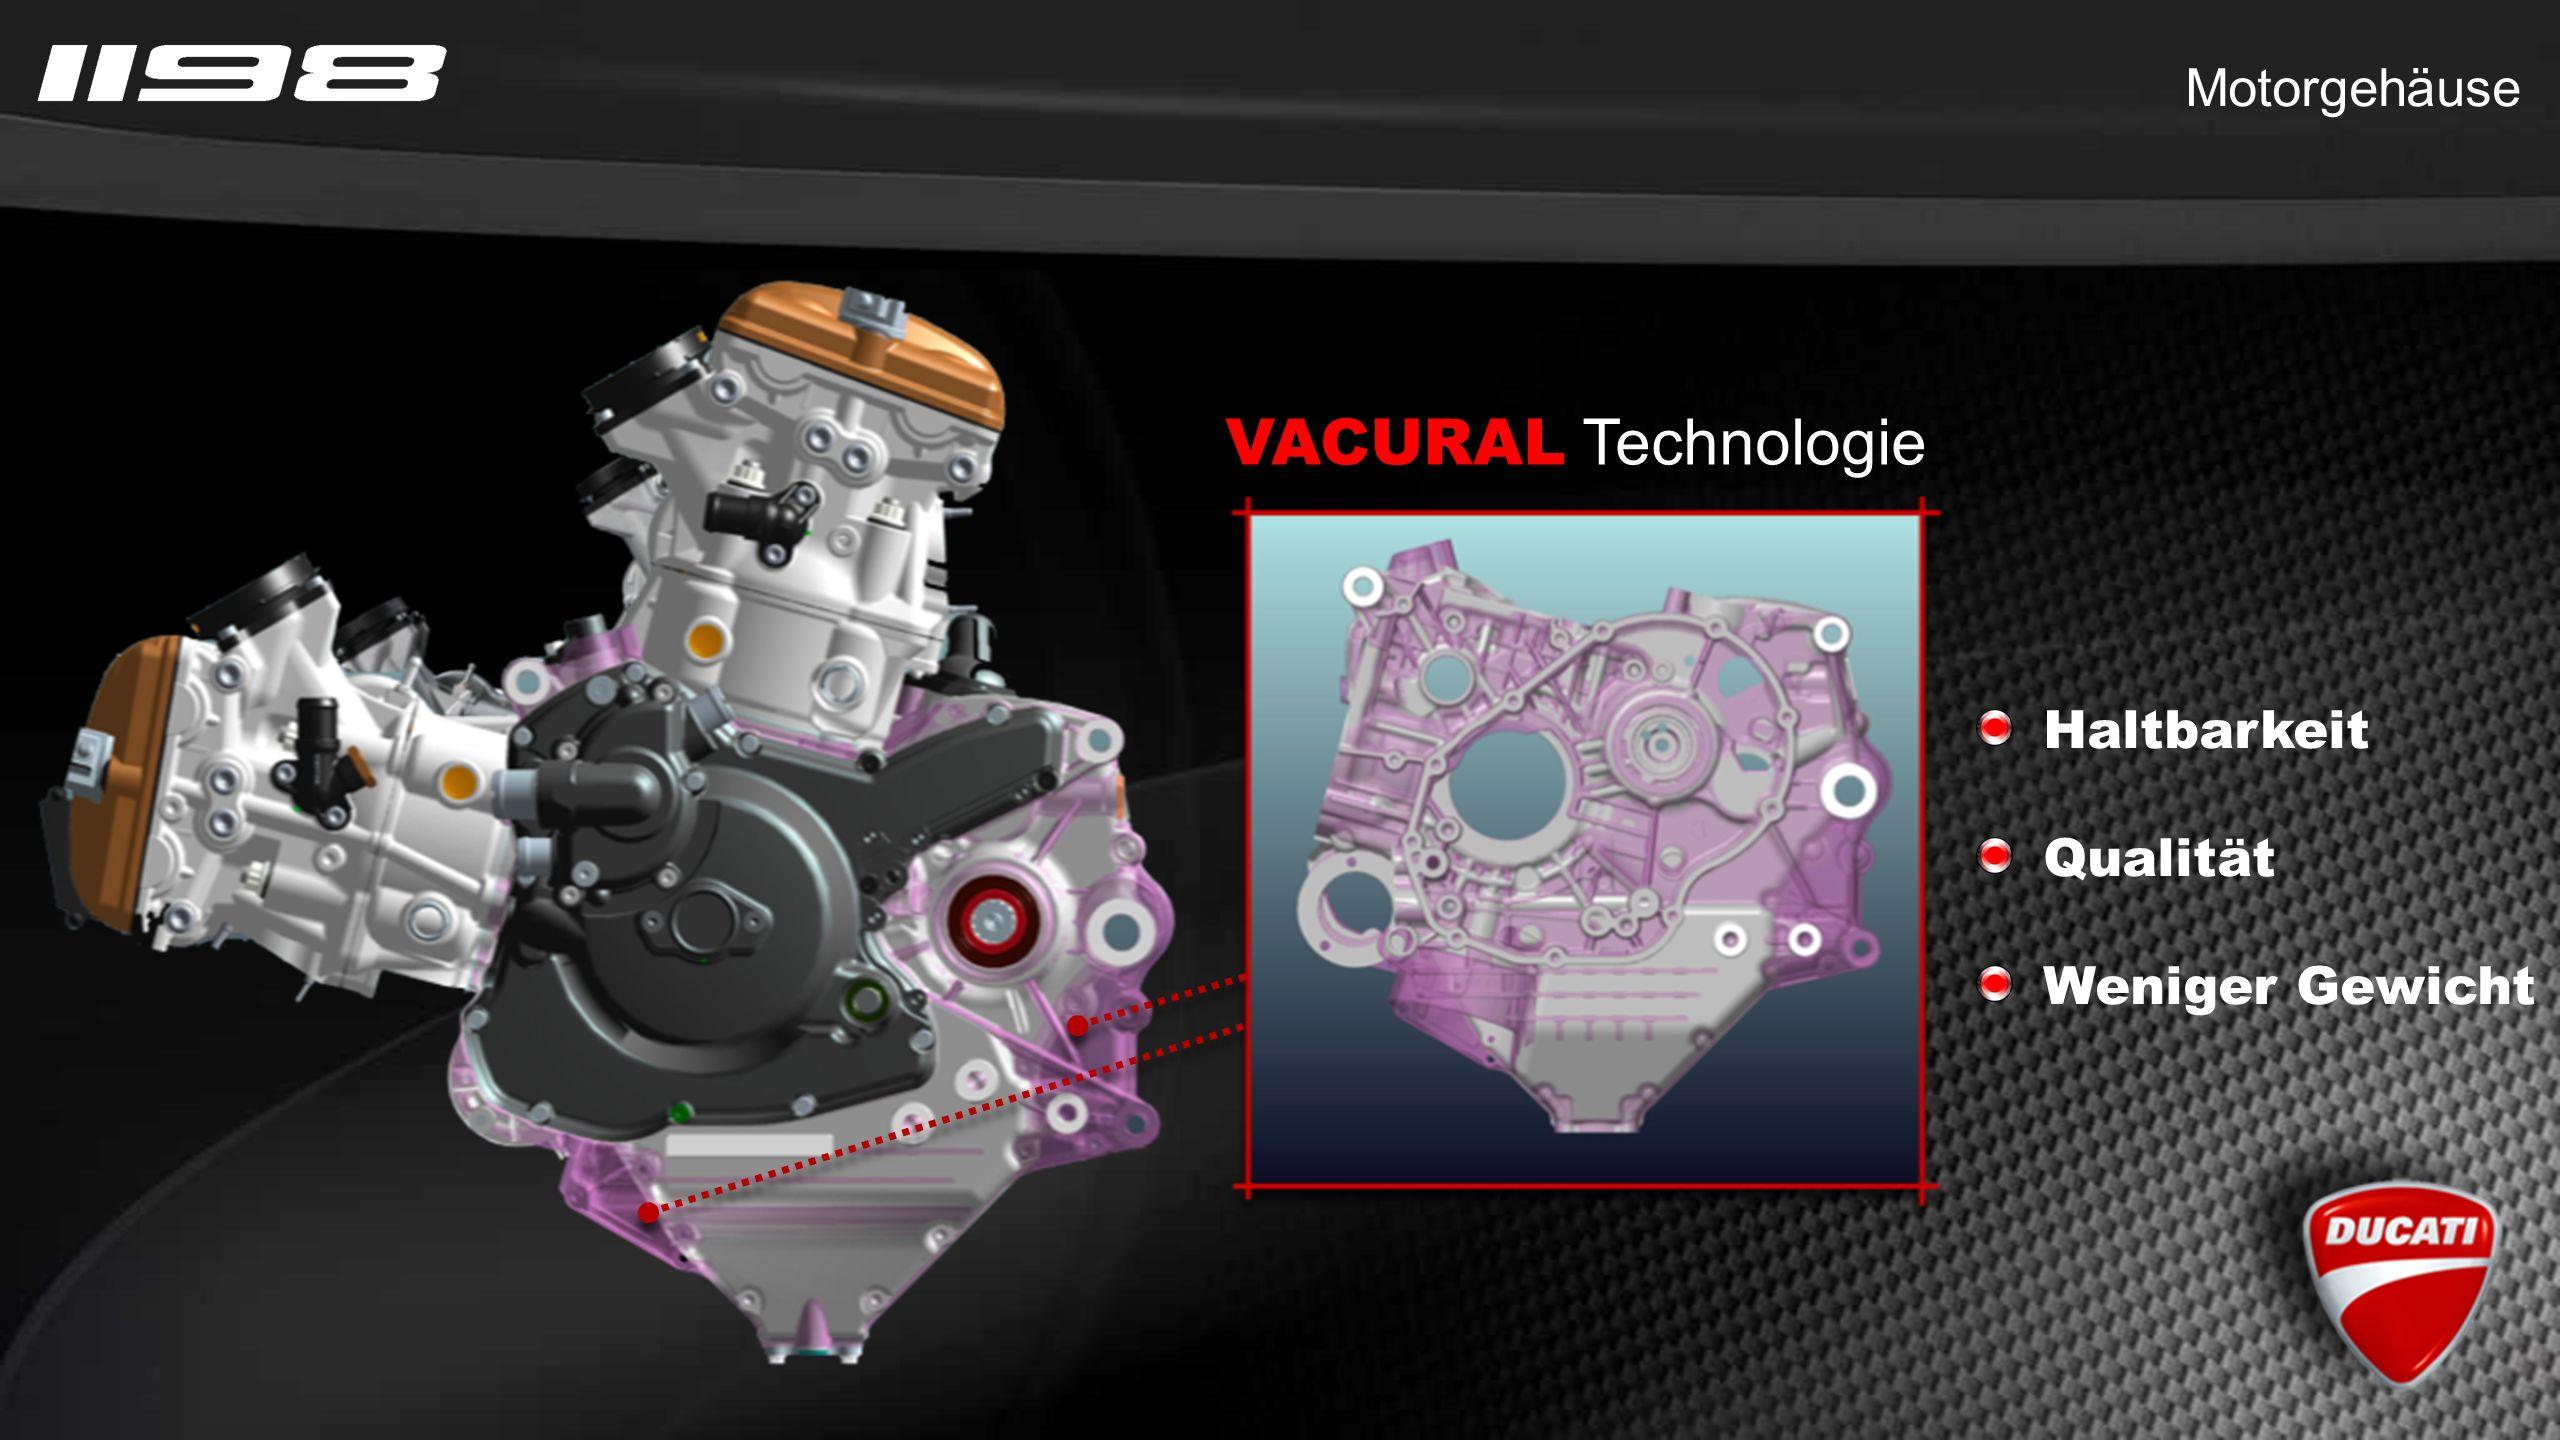 VACURAL Technologie Haltbarkeit Qualität Weniger Gewicht Motorgehäuse